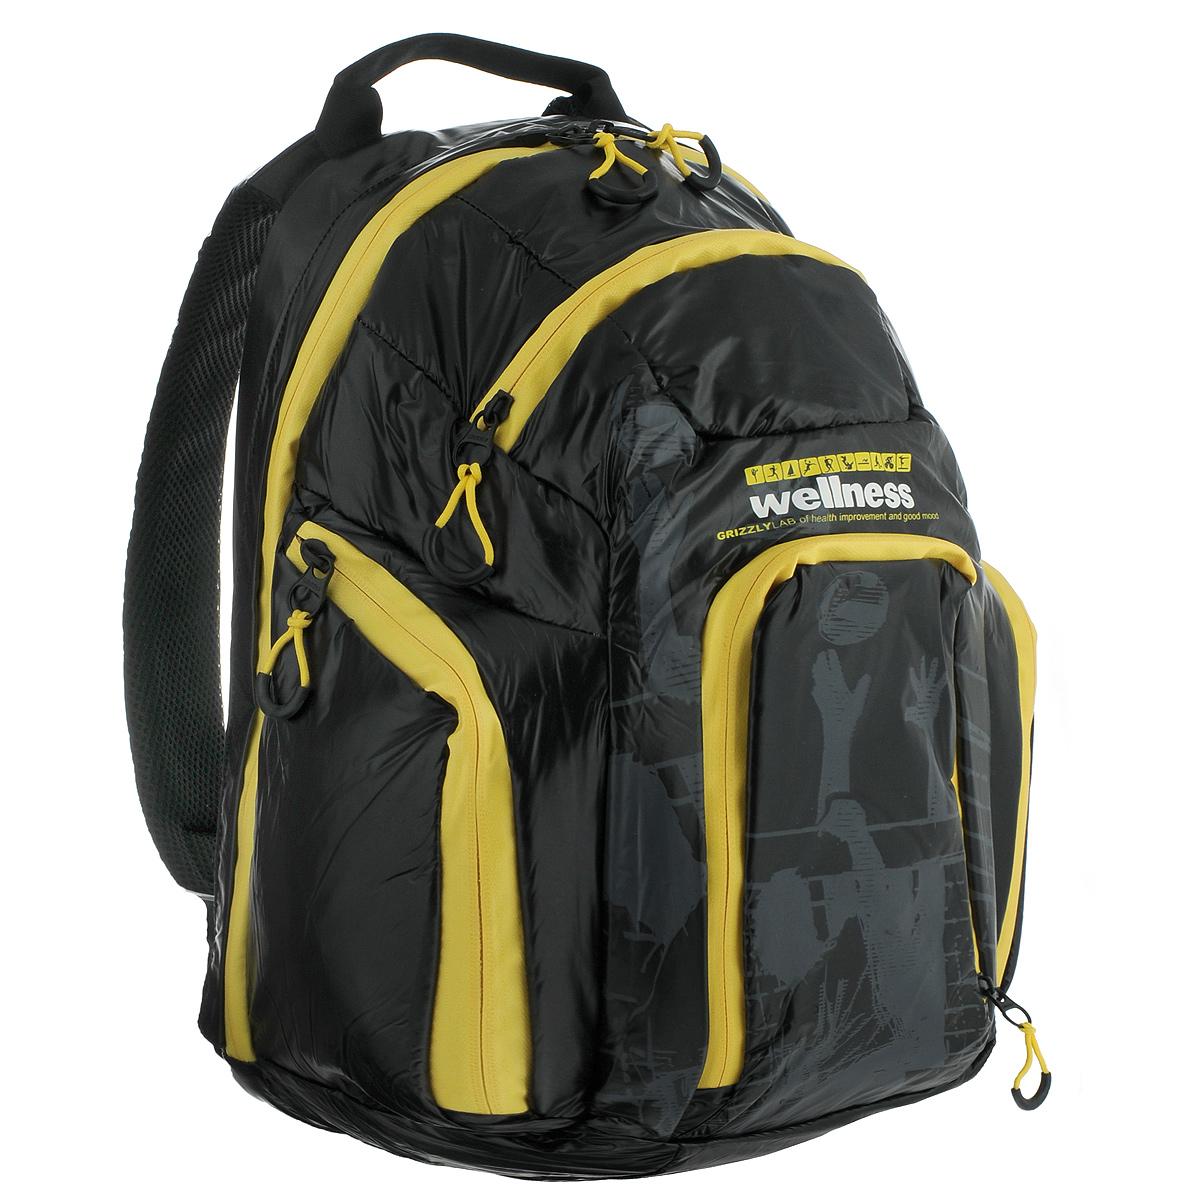 Рюкзак городской Grizzly, цвет: черный, желтый. RU-417-131264415Стильный молодежный рюкзак Grizzly выполнен из нейлона черного цвета и оформлен оригинальным принтом. Рюкзак оснащен одним большим отделением, закрывающимся на застежку-молнию. На передней стенке расположено 2 кармана, закрывающихся на застежки-молнии. По бокам 2 объемных кармана с застежками-молниями. Внутри расположен карман. Рюкзак оснащен лямками, мягкой спинкой и текстильной ручкой для удобной переноски.